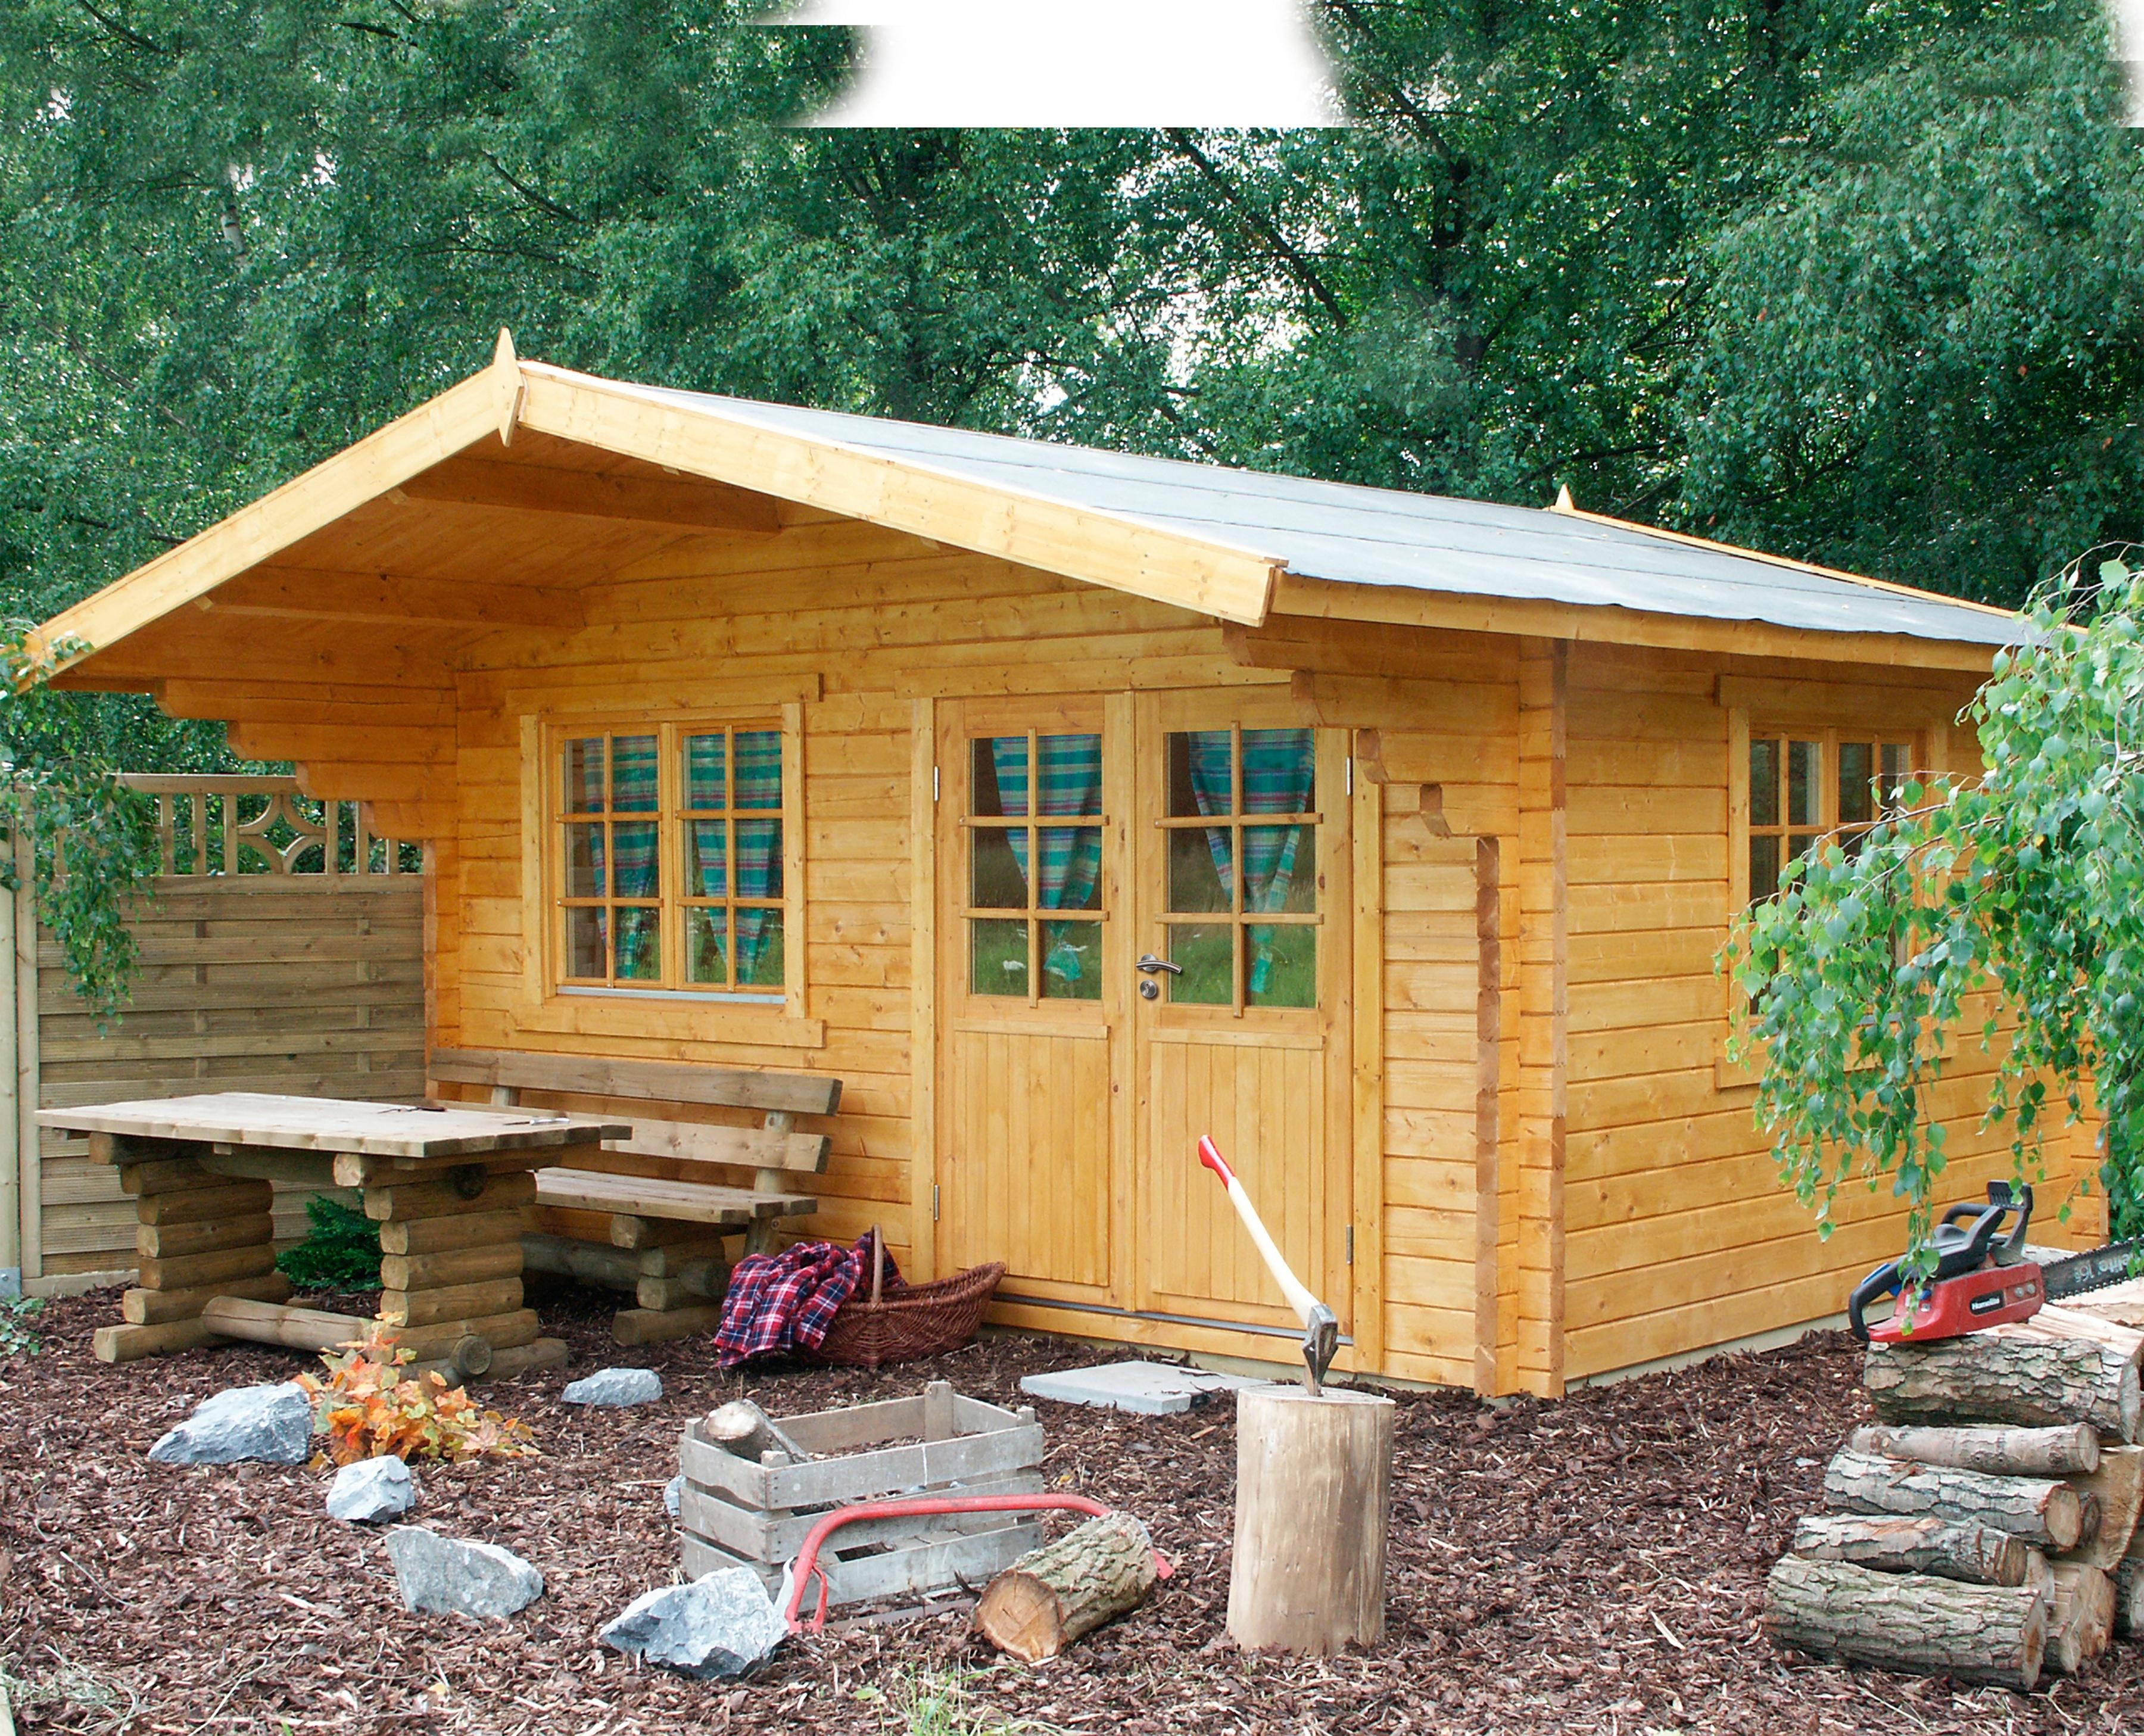 WOLFF FINNHAUS Gartenhaus »Nordkap 70-G«, BxT: 580x640 cm, inkl. Fußboden | Garten > Bodenbeläge-Garten | WOLFF FINNHAUS